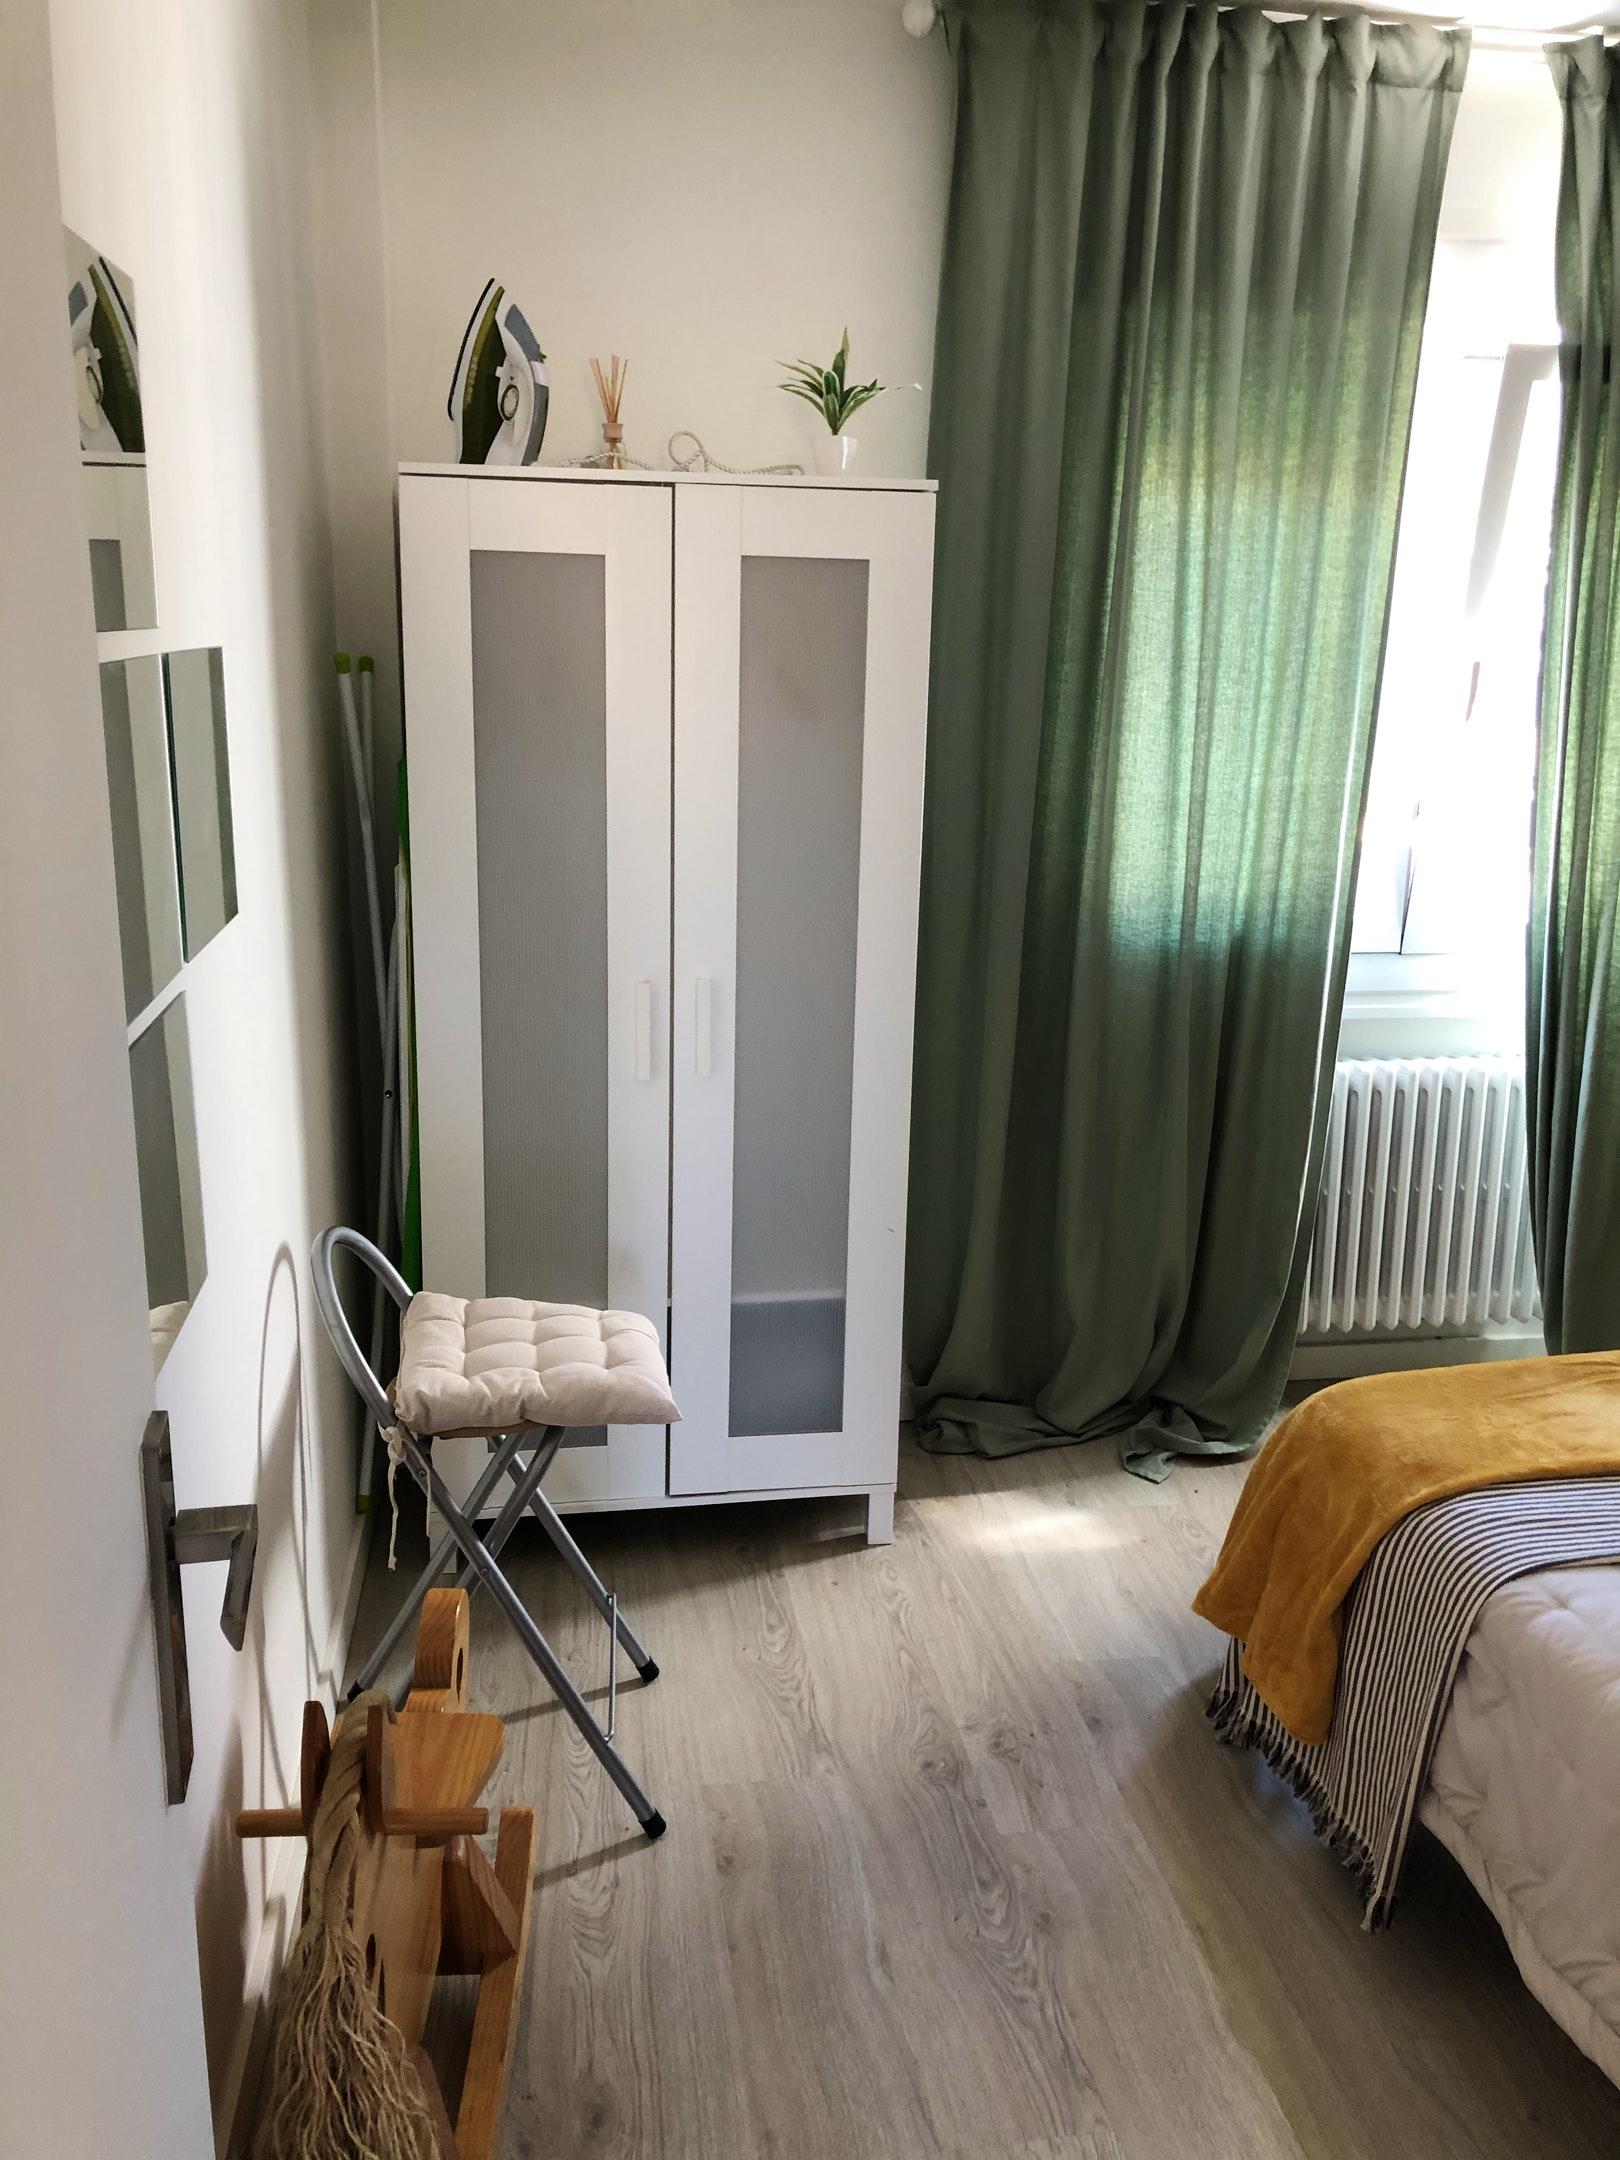 Ferienwohnung Wohnung mit 2 Schlafzimmern in Tudela mit schöner Aussicht auf die Stadt, möblierter Terra (2708241), Tudela, , Navarra, Spanien, Bild 52